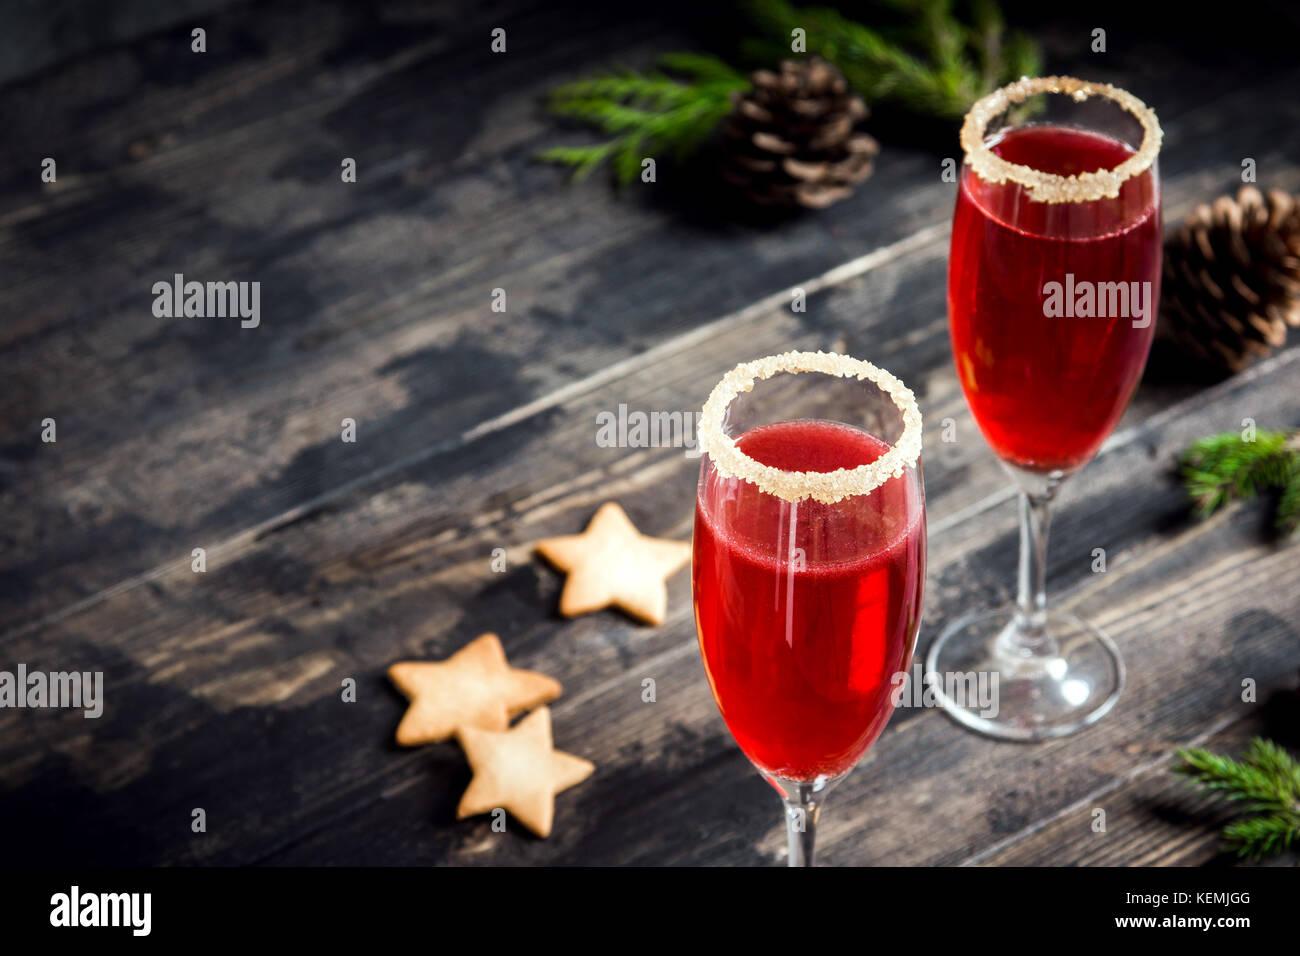 Mimosa festliches Getränk für Weihnachten - Champagner rote cocktail Mimosa mit Cranberry für Weihnachtsfeier, Stockbild